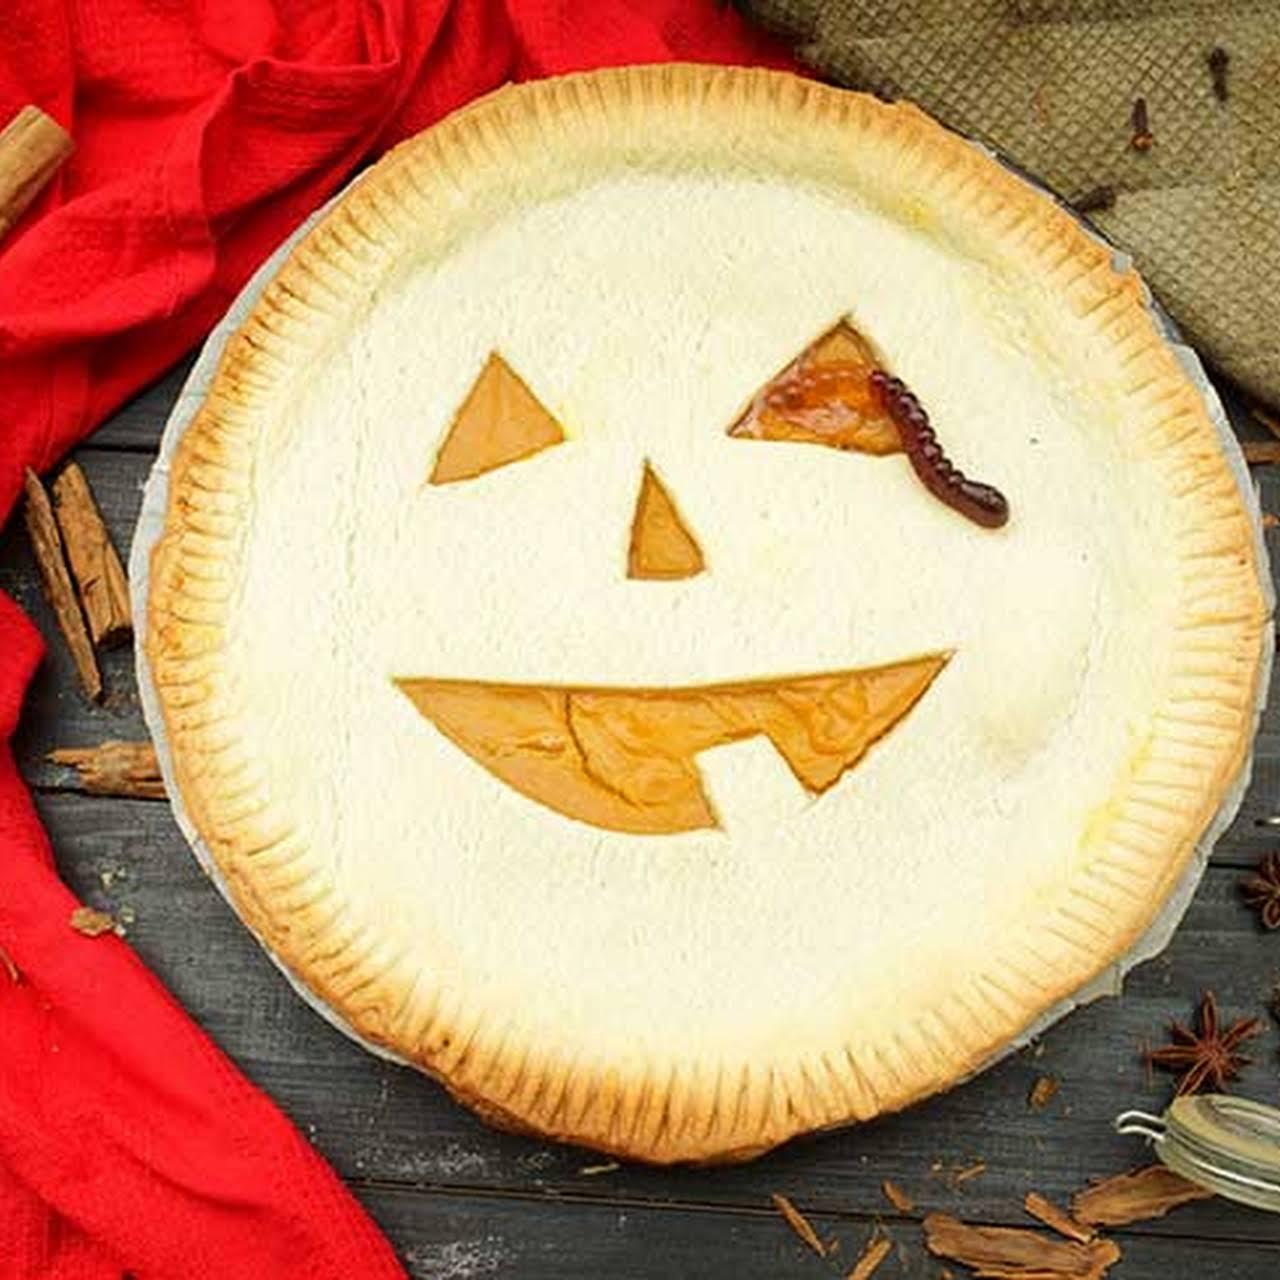 Halloween Pumpkin Pie / Jack-o-Lantern Pie